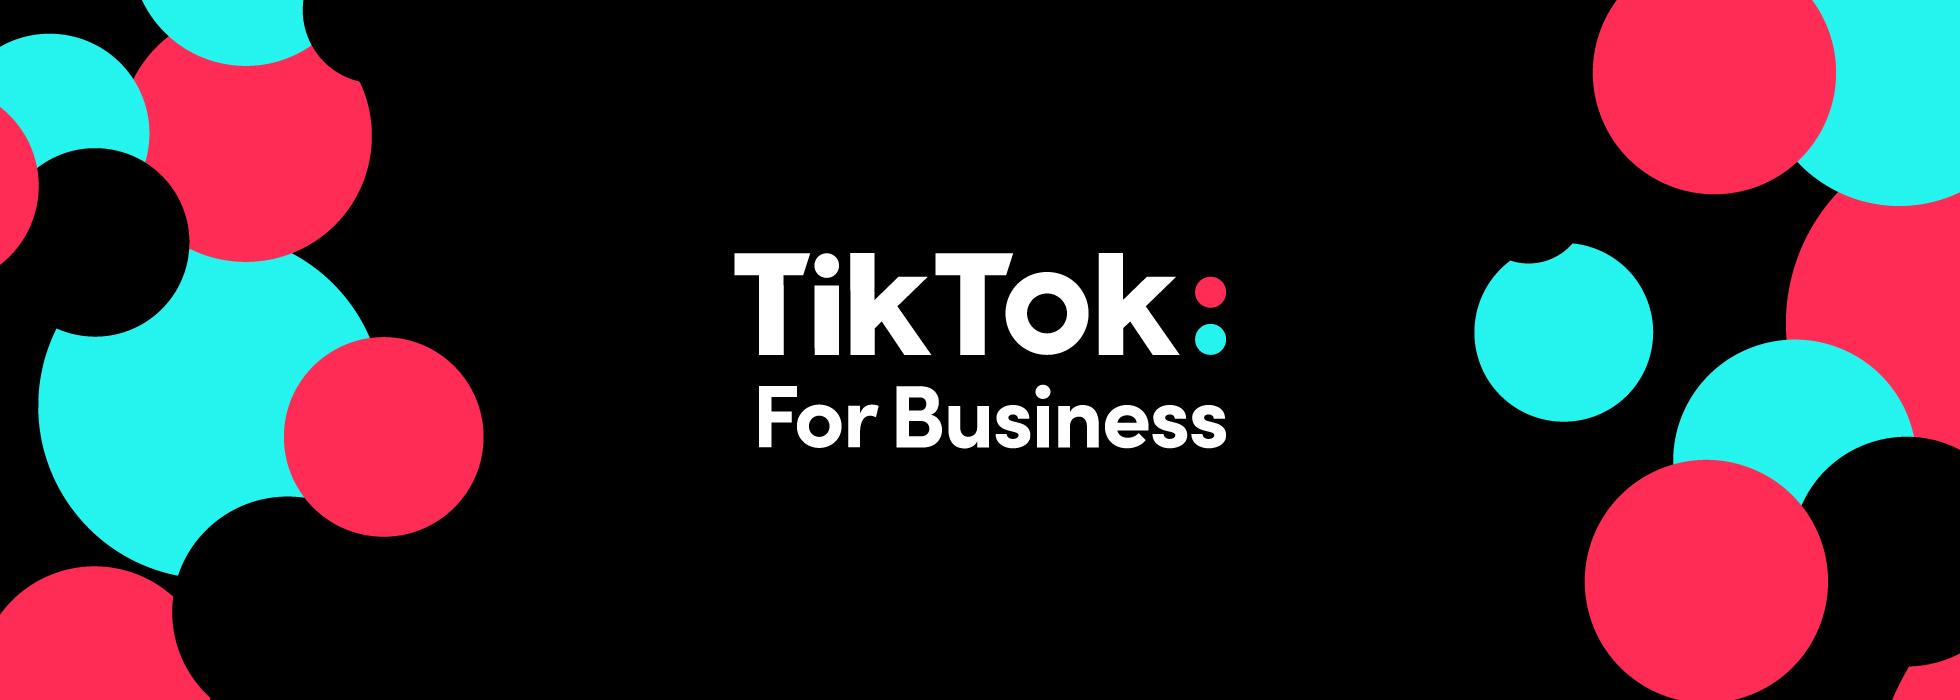 Introducing TikTok For Business | TikTok For Business Blog